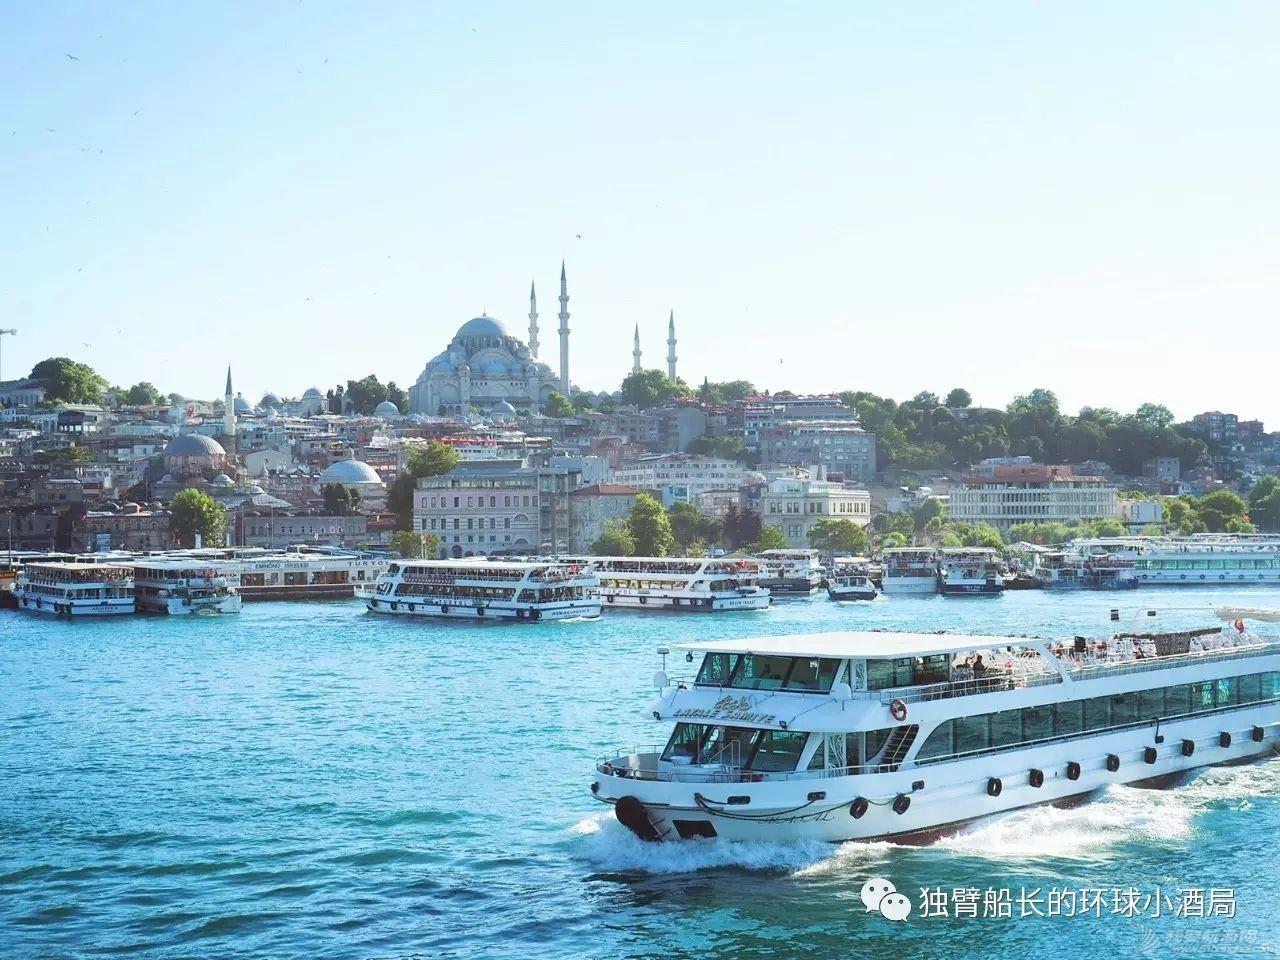 一人一城 【土耳其】我有一个三千年的天要跟你聊聊(上)w12.jpg